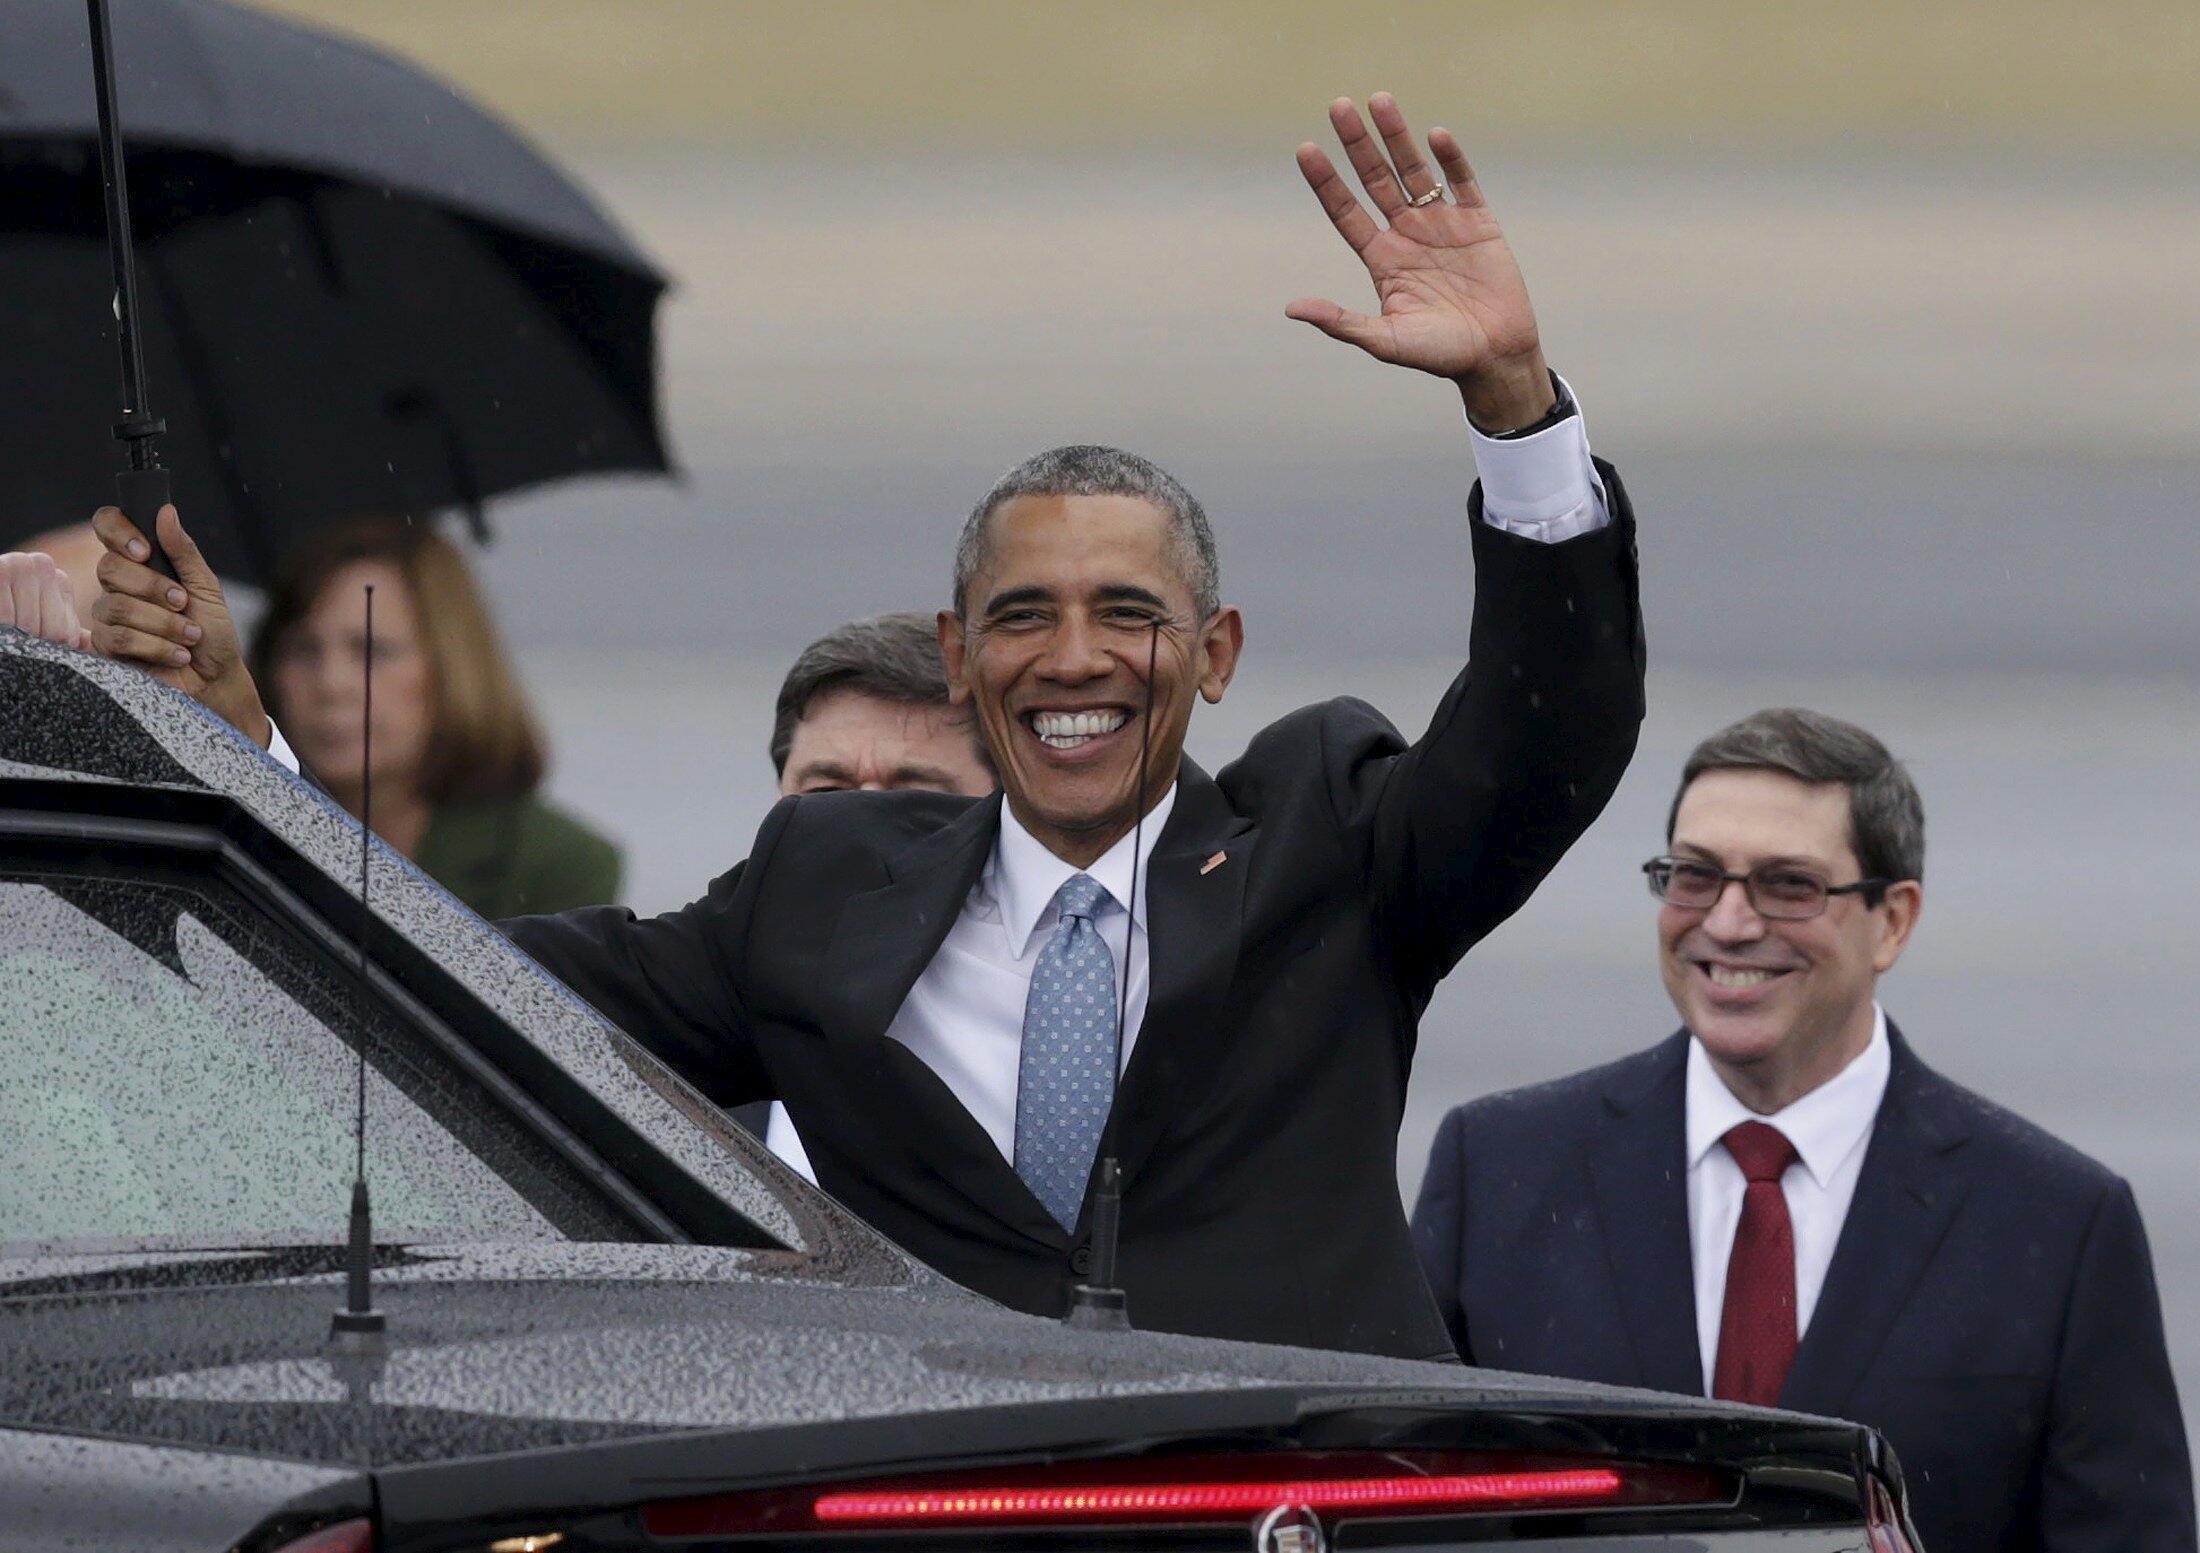 Barack Obama em sua chegada a Havana neste domingo, 20/03/2016.